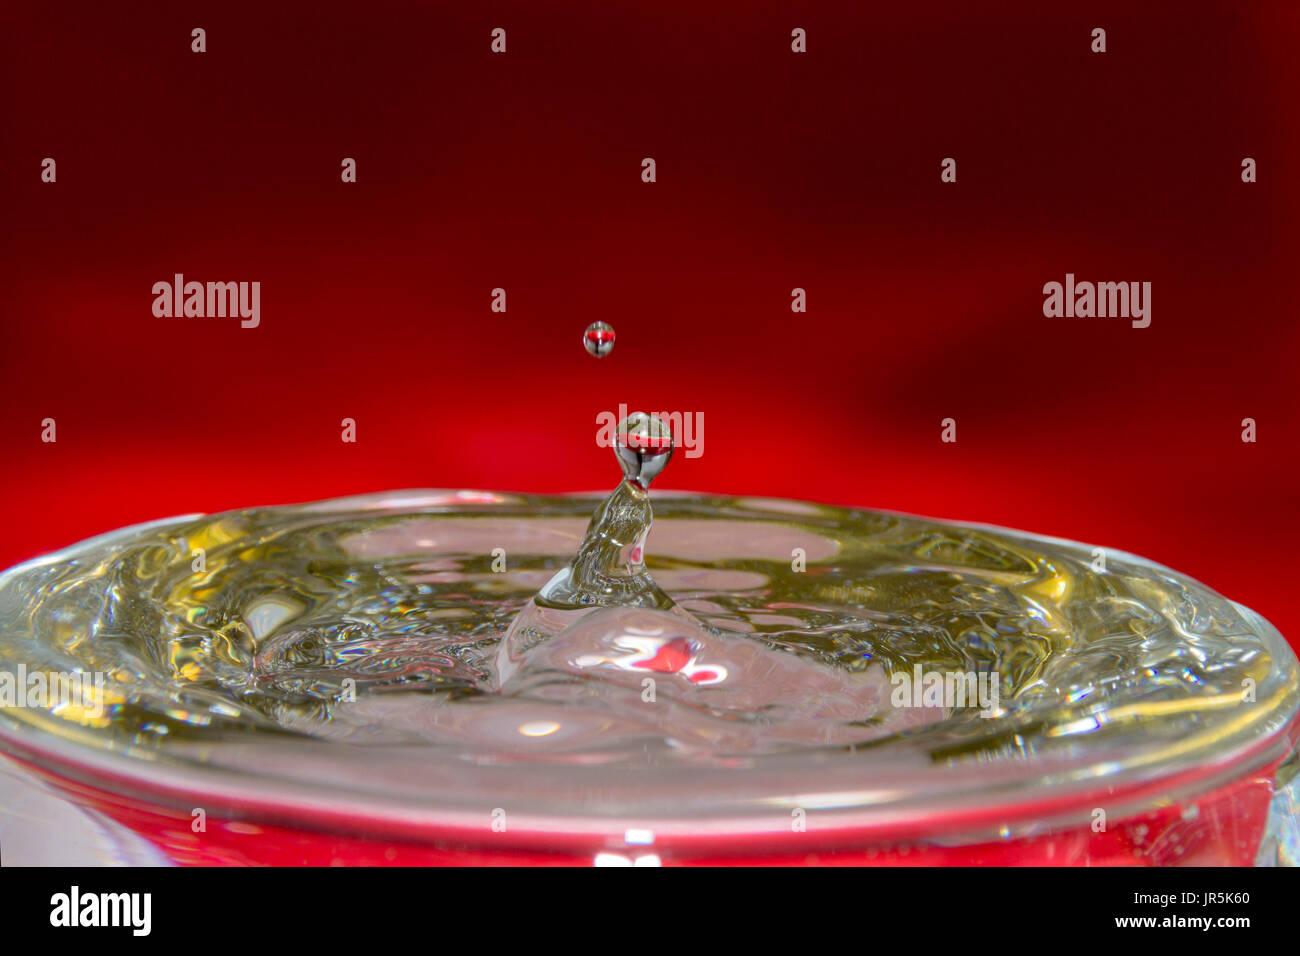 Gota de Agua con fondo rojo y reflejo dorado en el agua, bebida refrescante y fría con ondas de impacto en - Stock Image